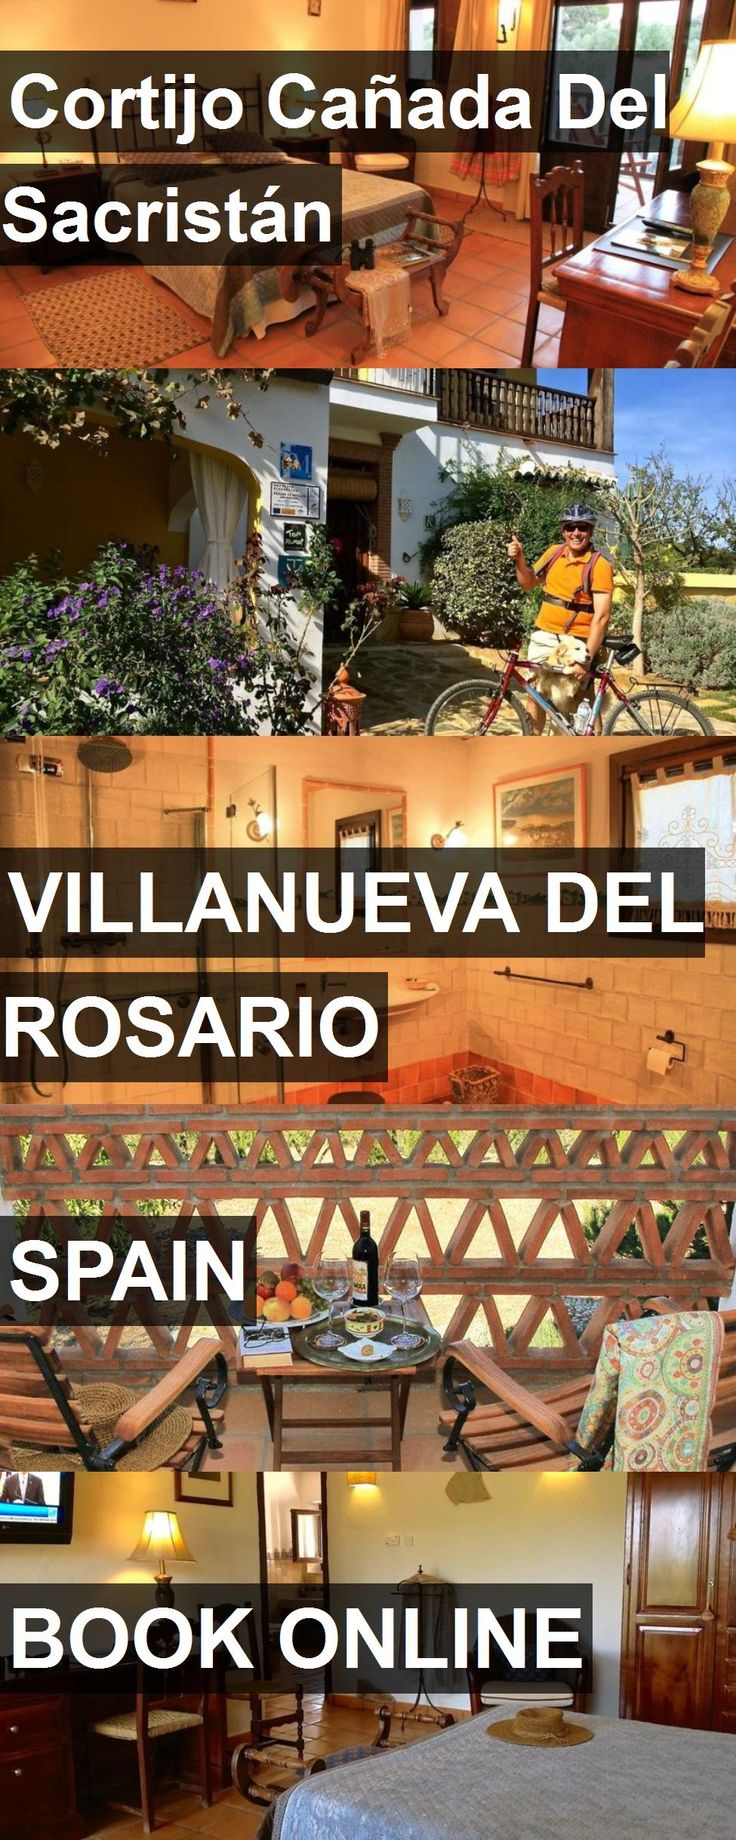 Hotel Cortijo Cañada Del Sacristán in Villanueva del Rosario, Spain. For more information, photos, reviews and best prices please follow the link. #Spain #VillanuevadelRosario #CortijoCañadaDelSacristán #hotel #travel #vacation